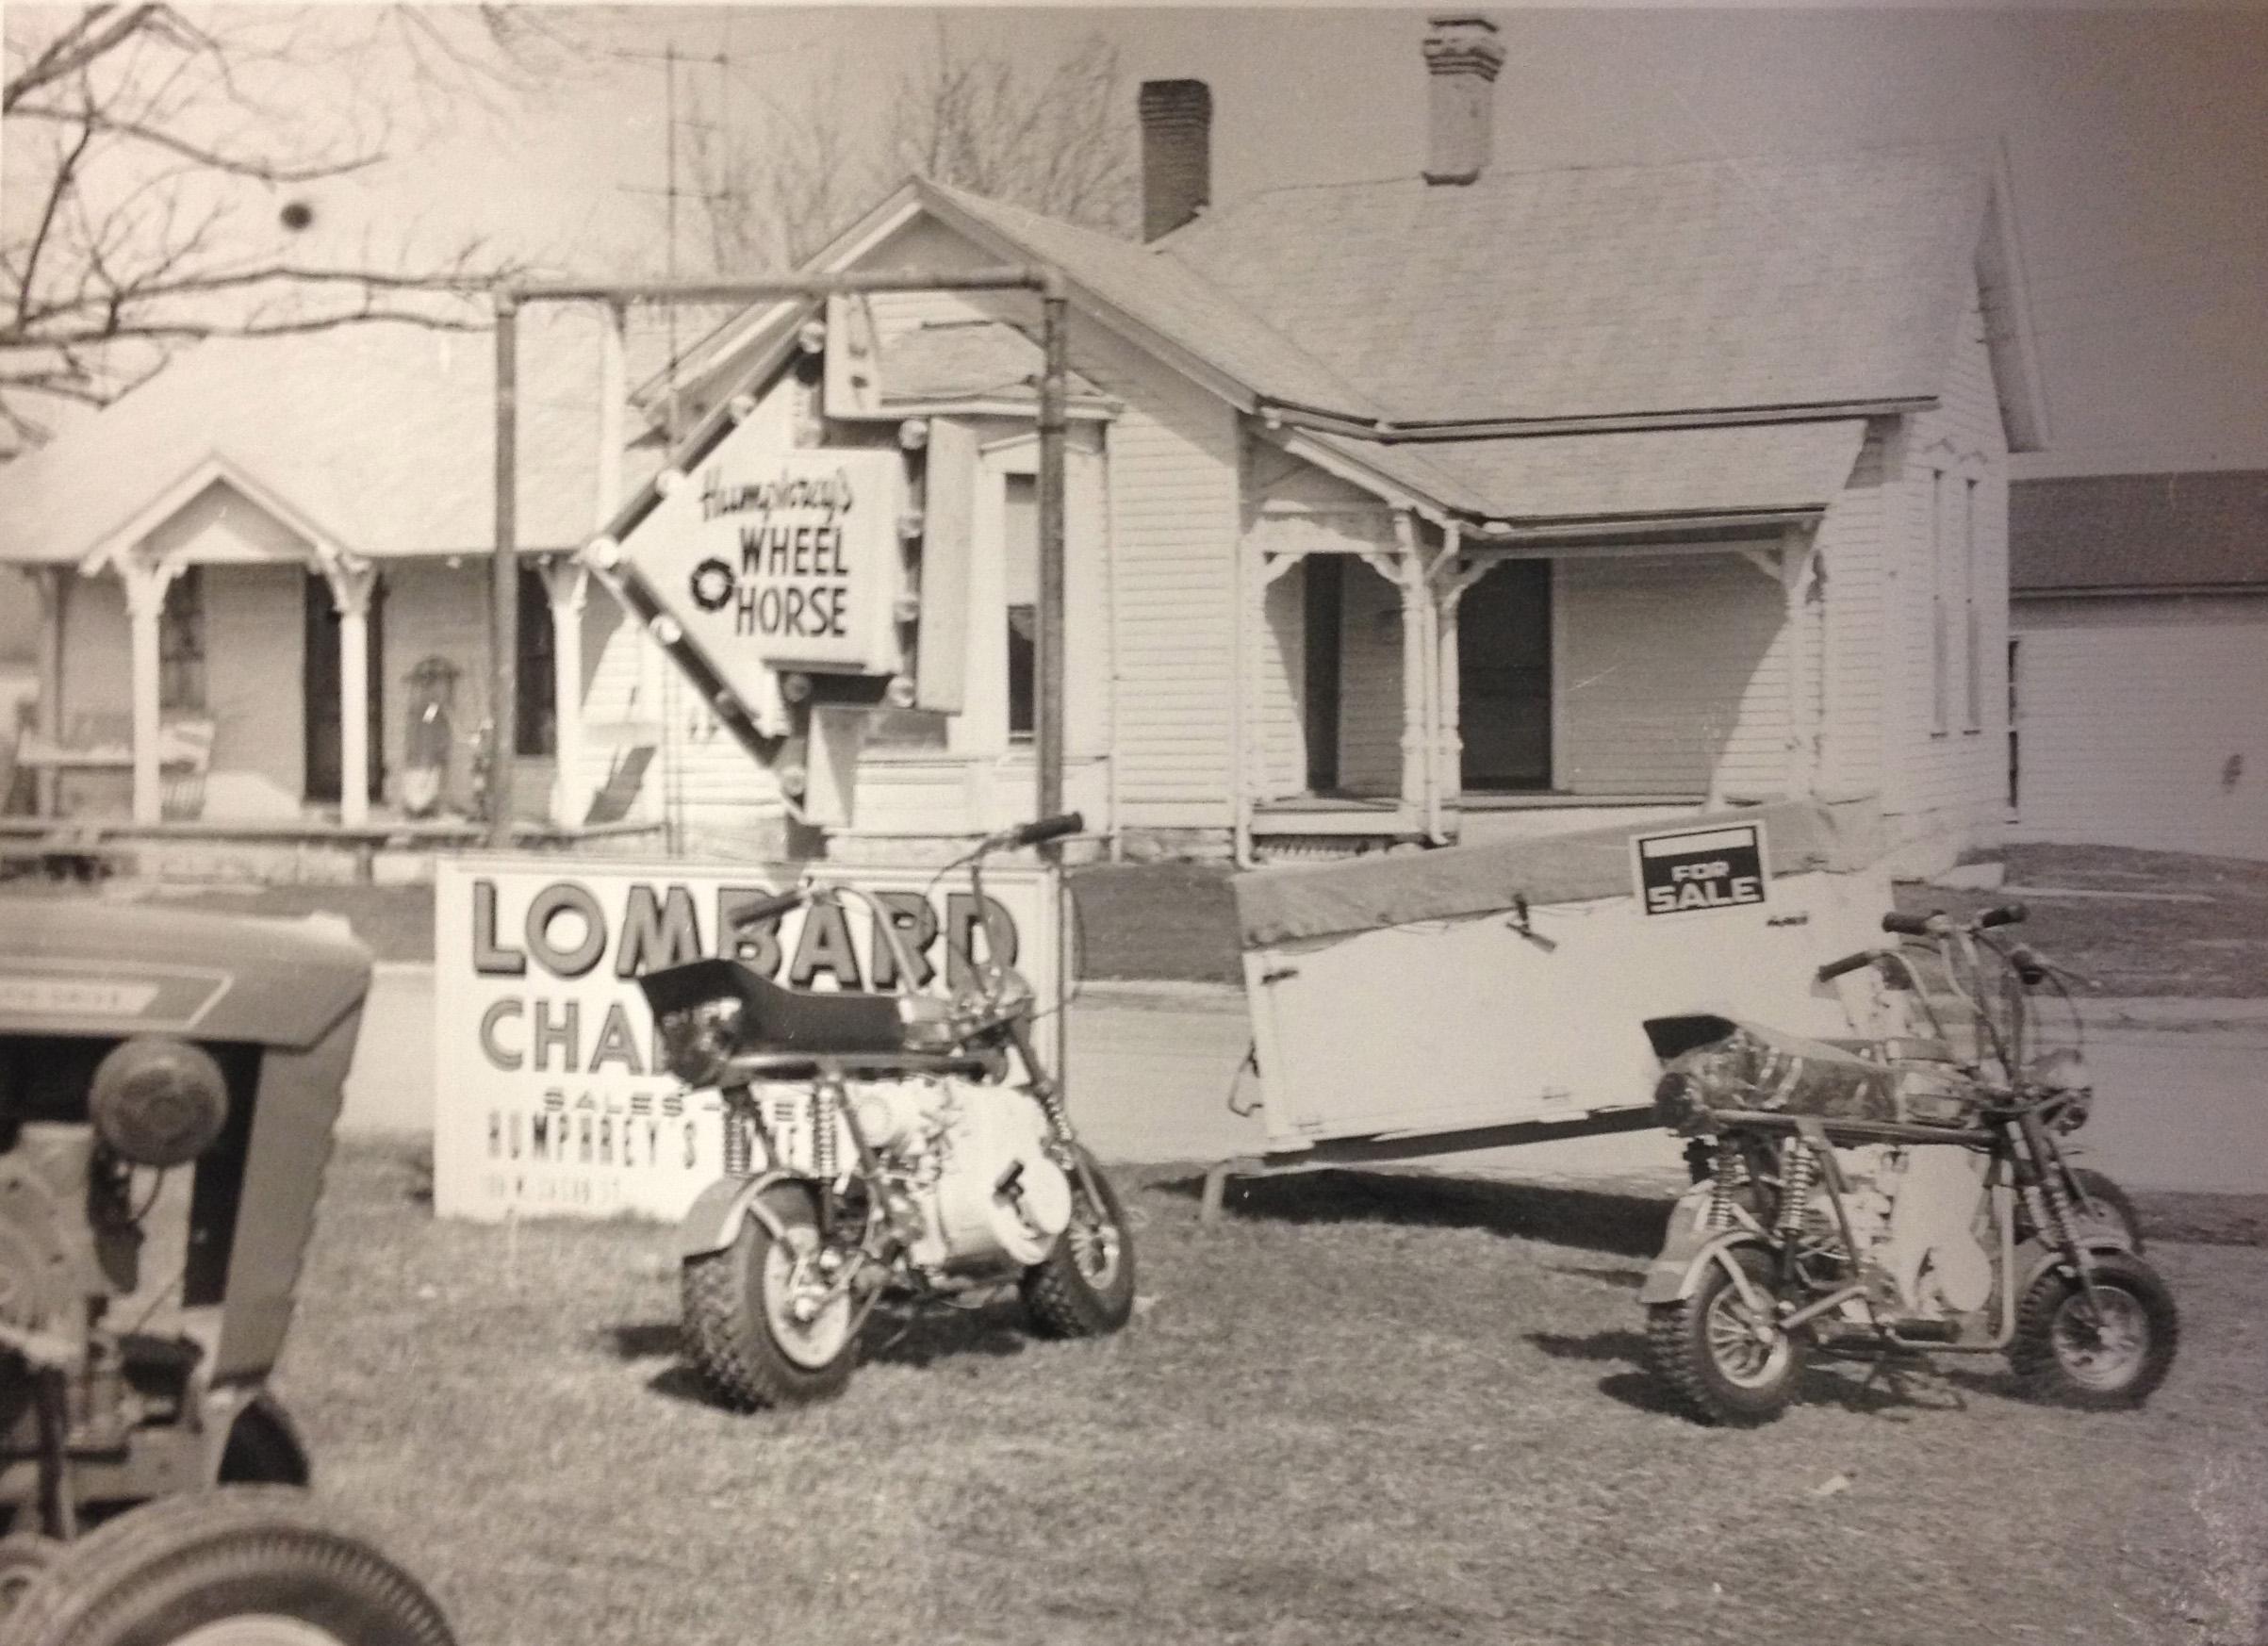 The original Humphreys' Wheel Horse circa 1966.